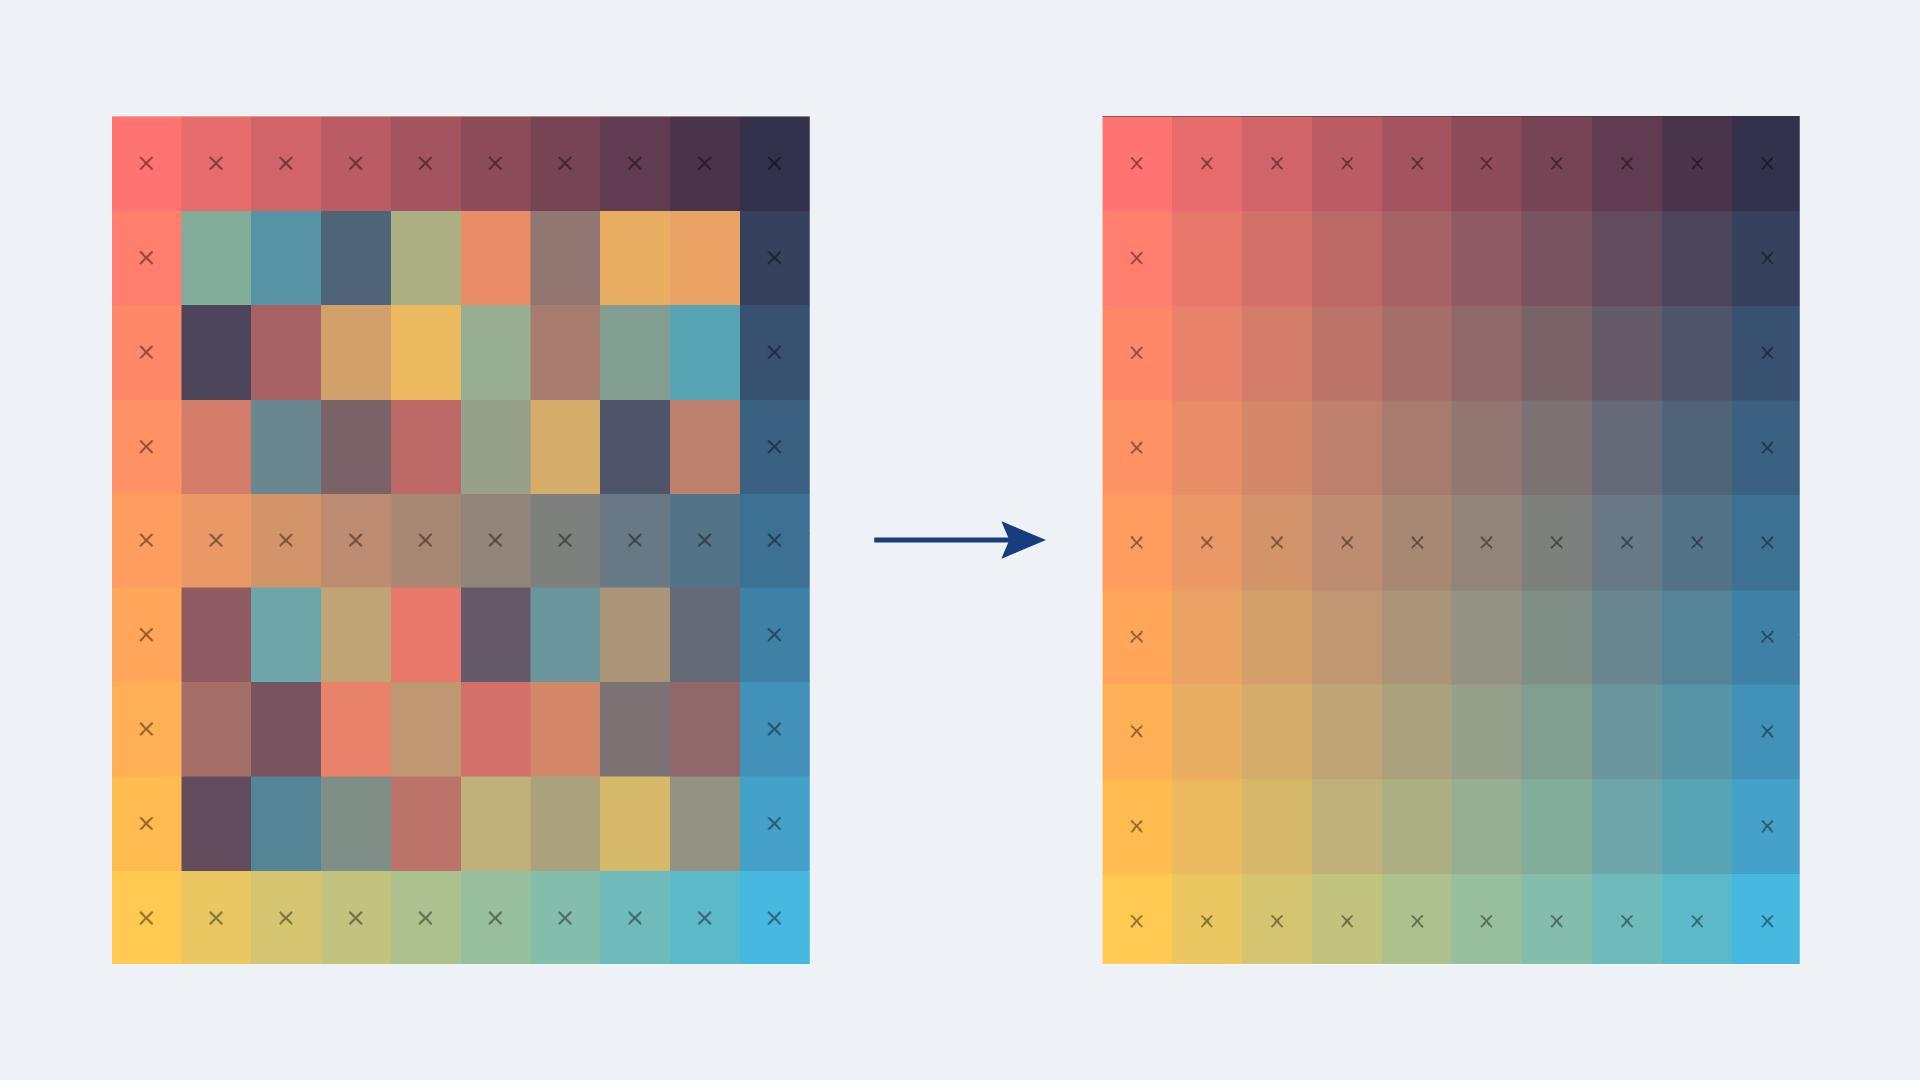 Gioco puzzle di colori - Sfondo sfumature gratis for Android - APK Download